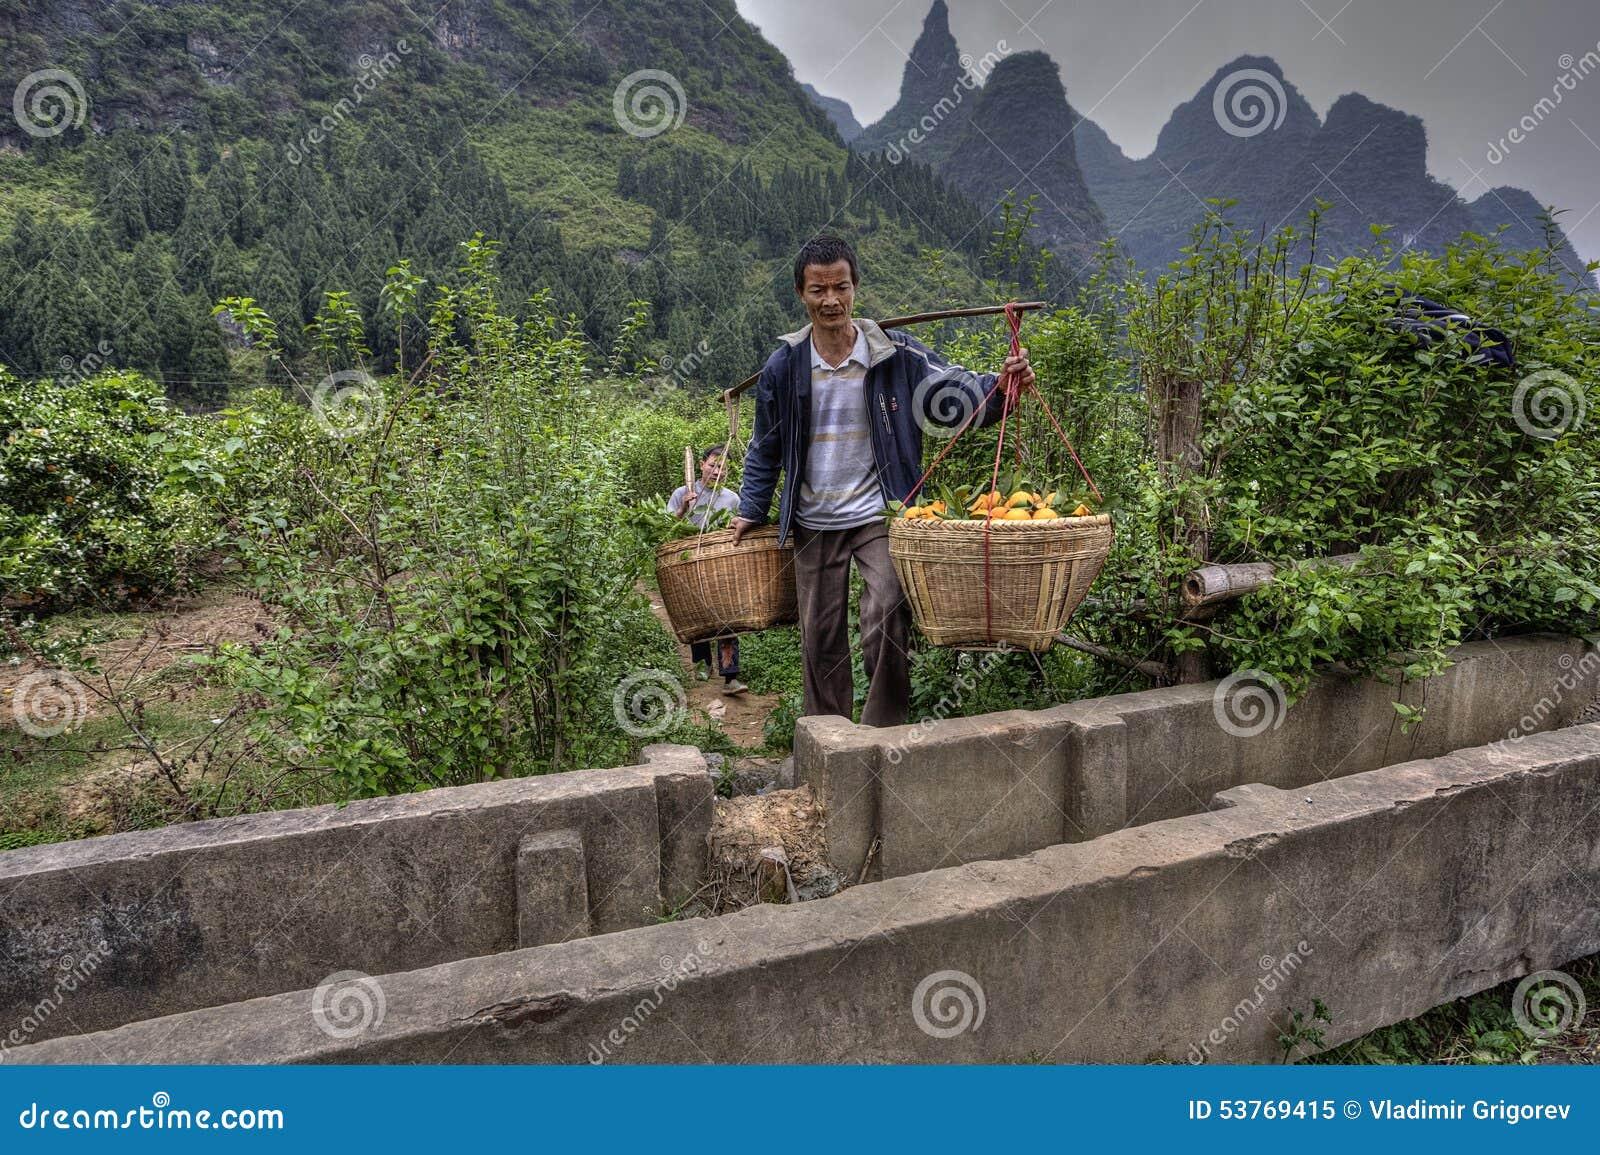 asiatique abusee petite salope gratuit